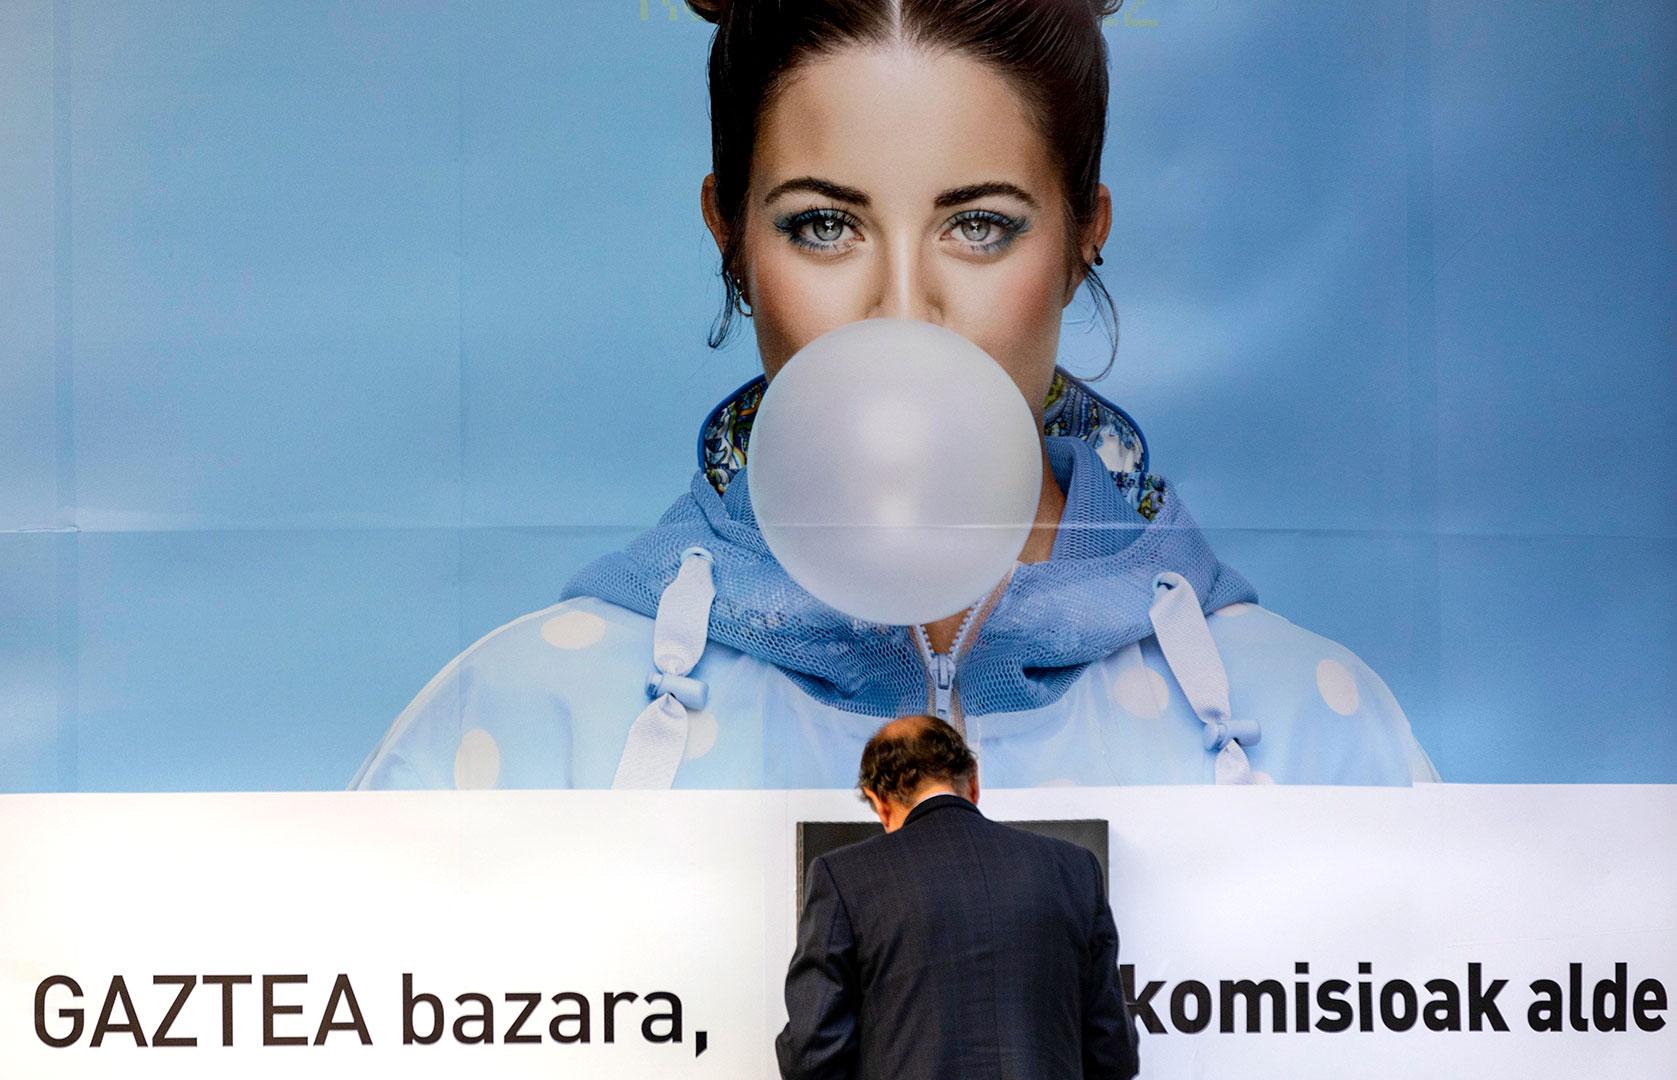 Kutxabank korner publicidad Comunicación corporativa Estrategia de marca